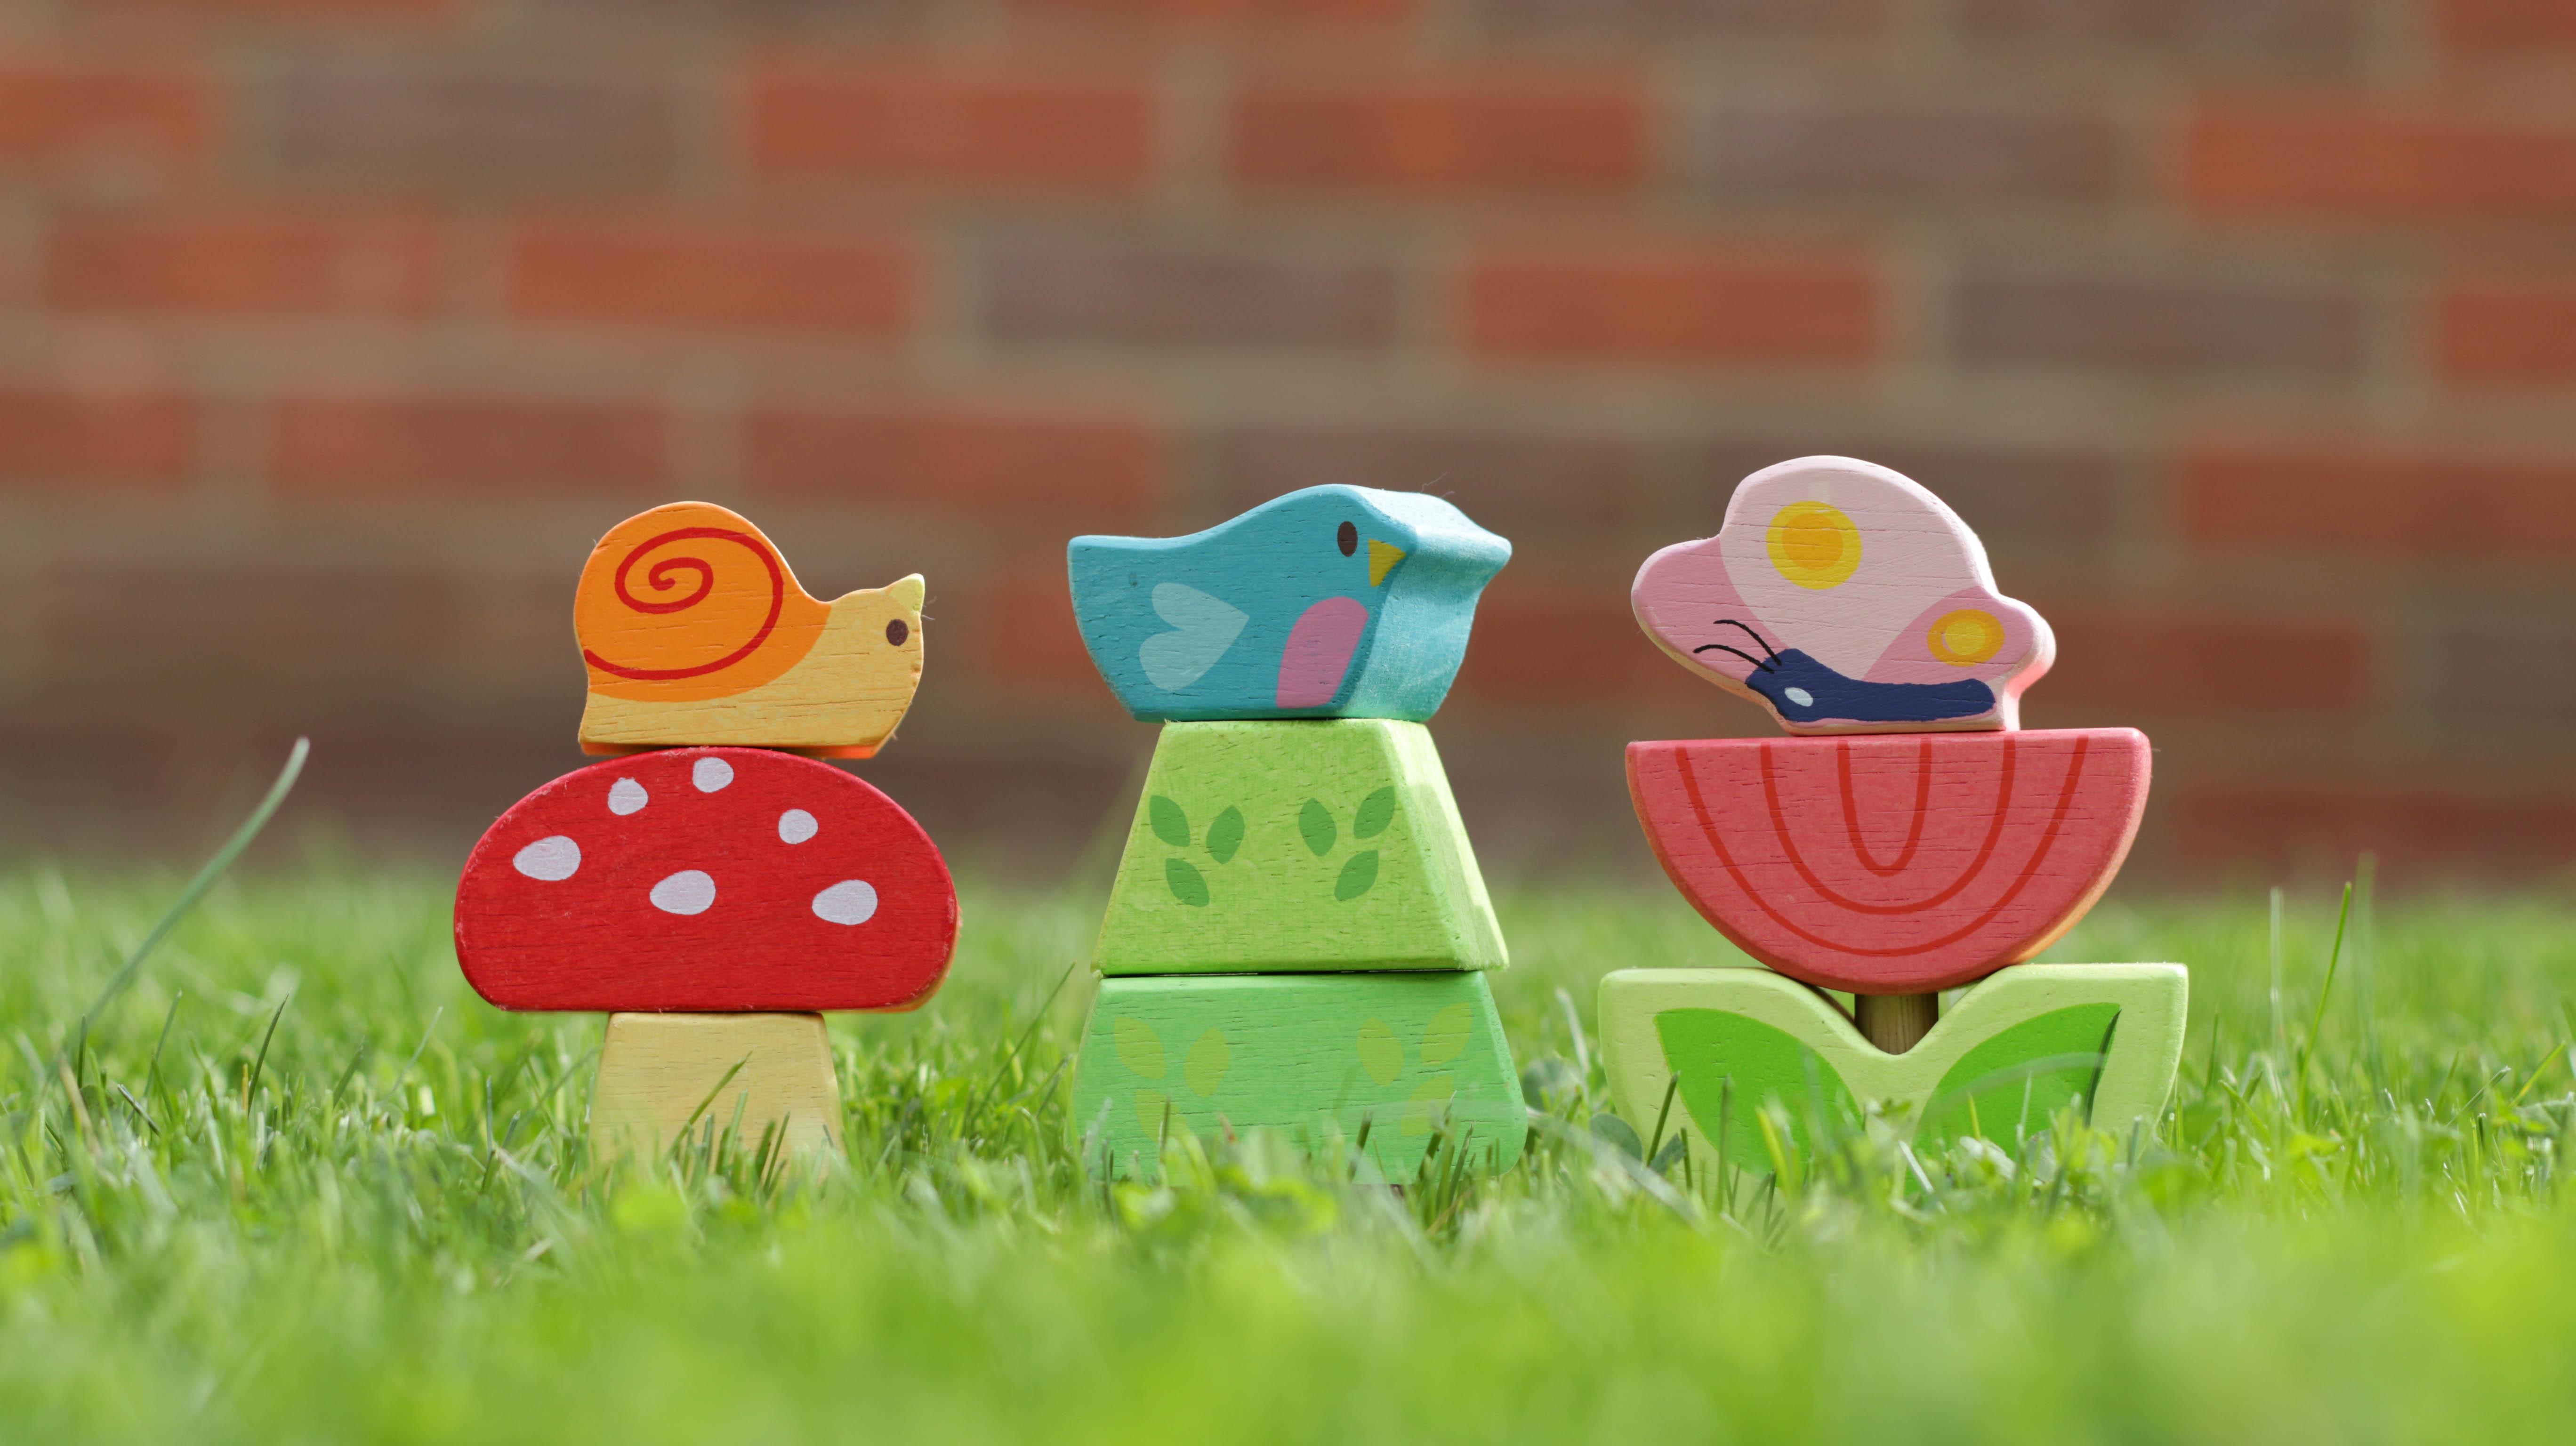 le toy van garden toys 0007   hello deborah